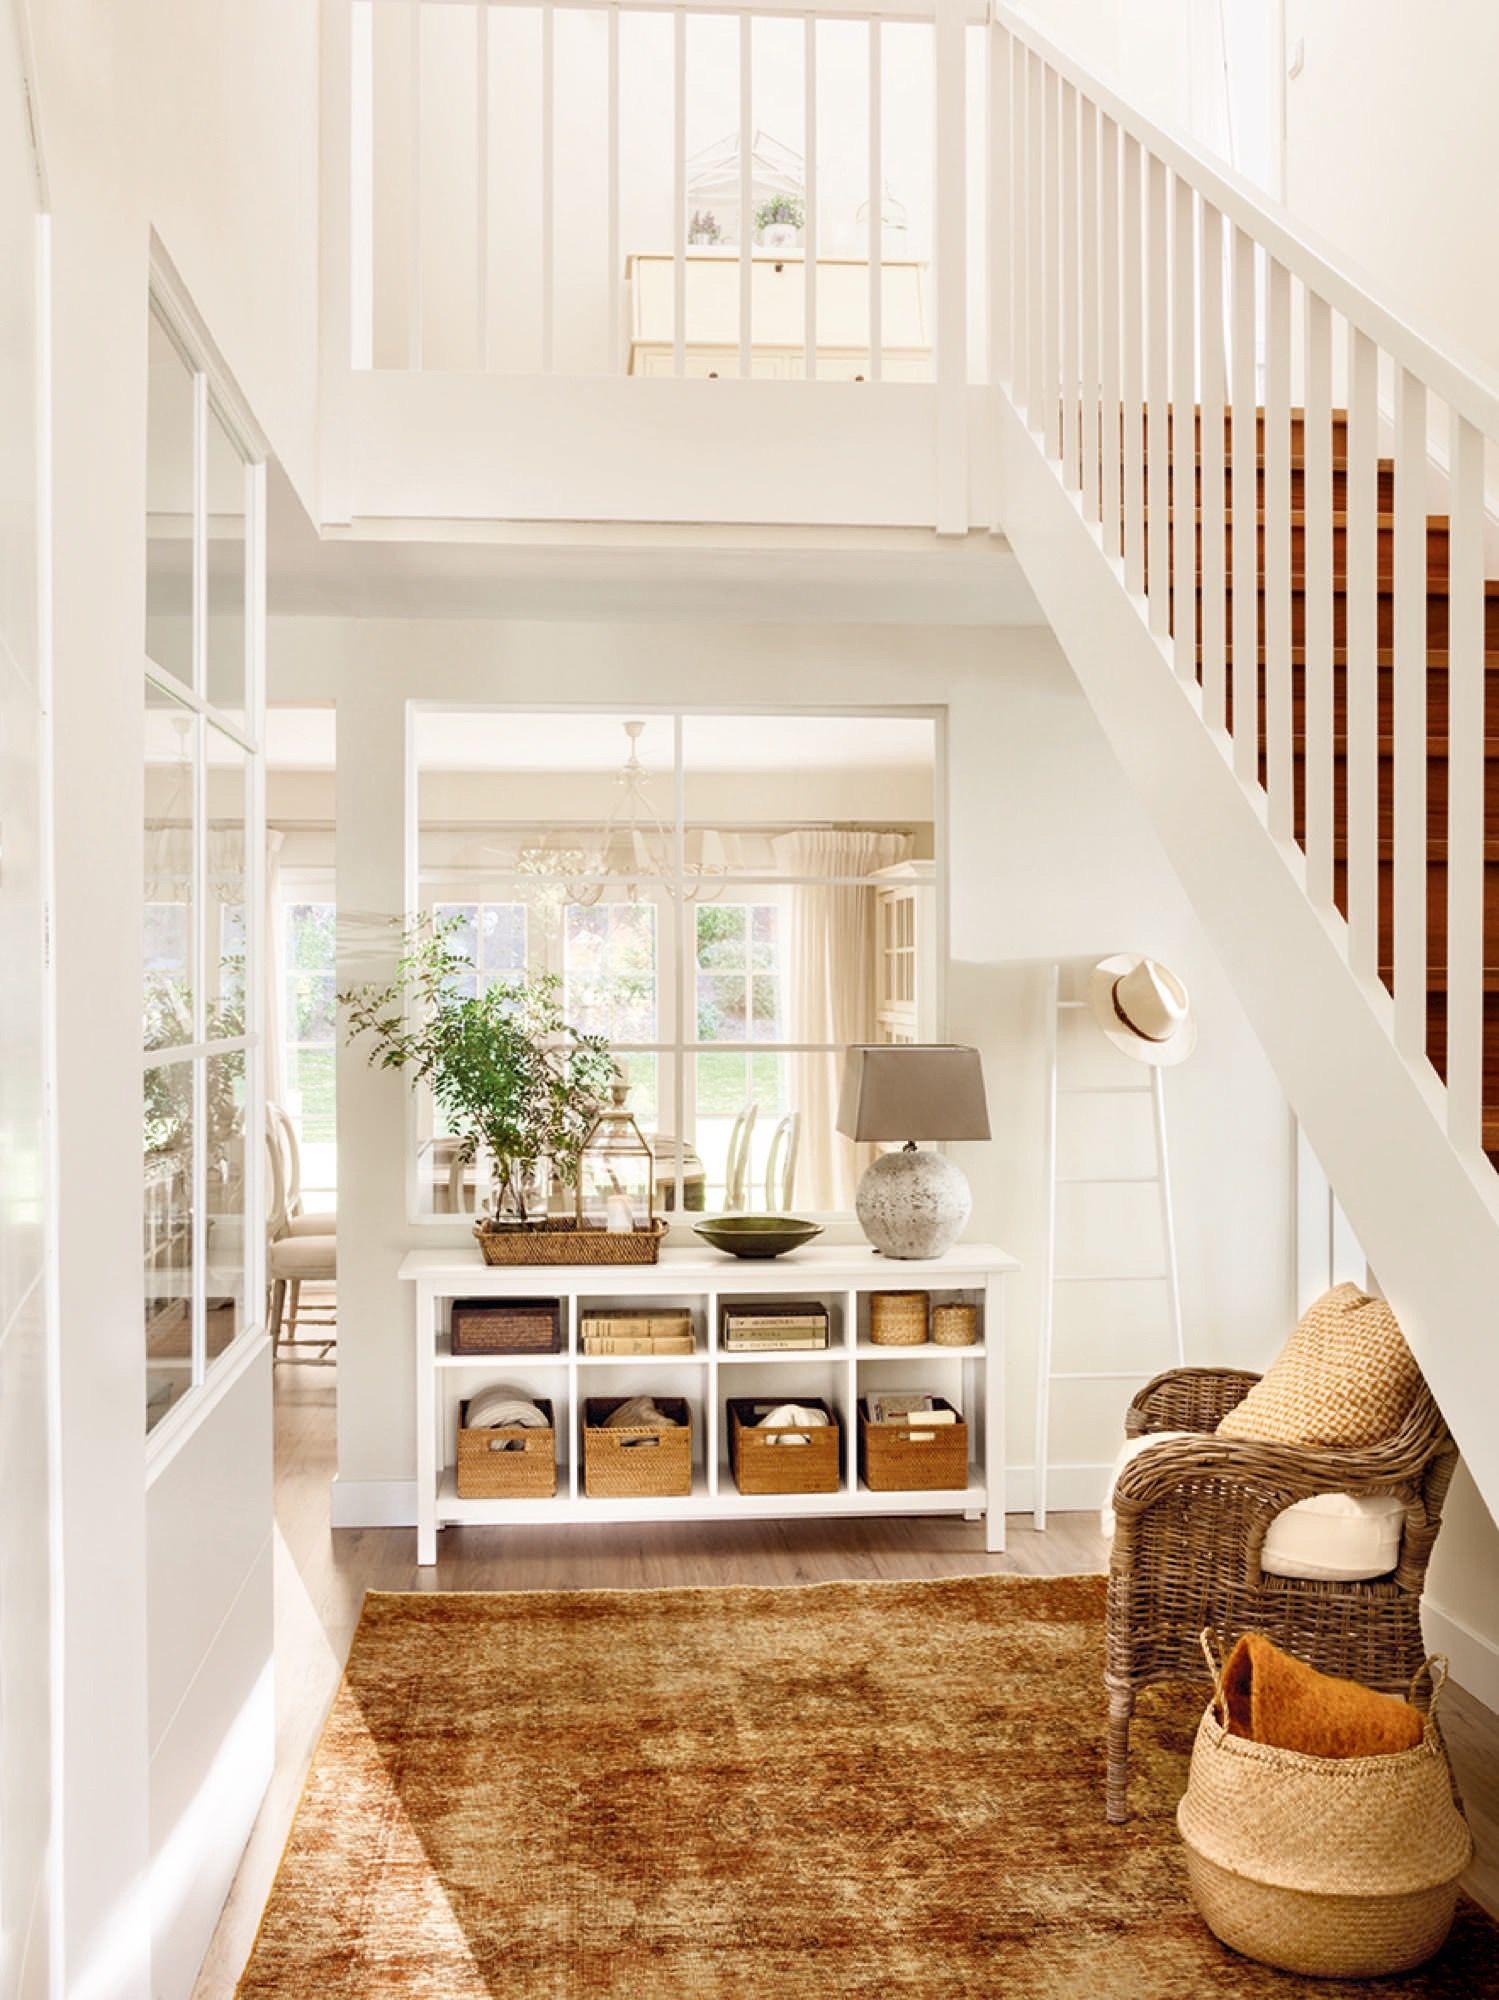 Recibidor con escalera y ventana abierta al sal n entr e for Miroir fenetre casa